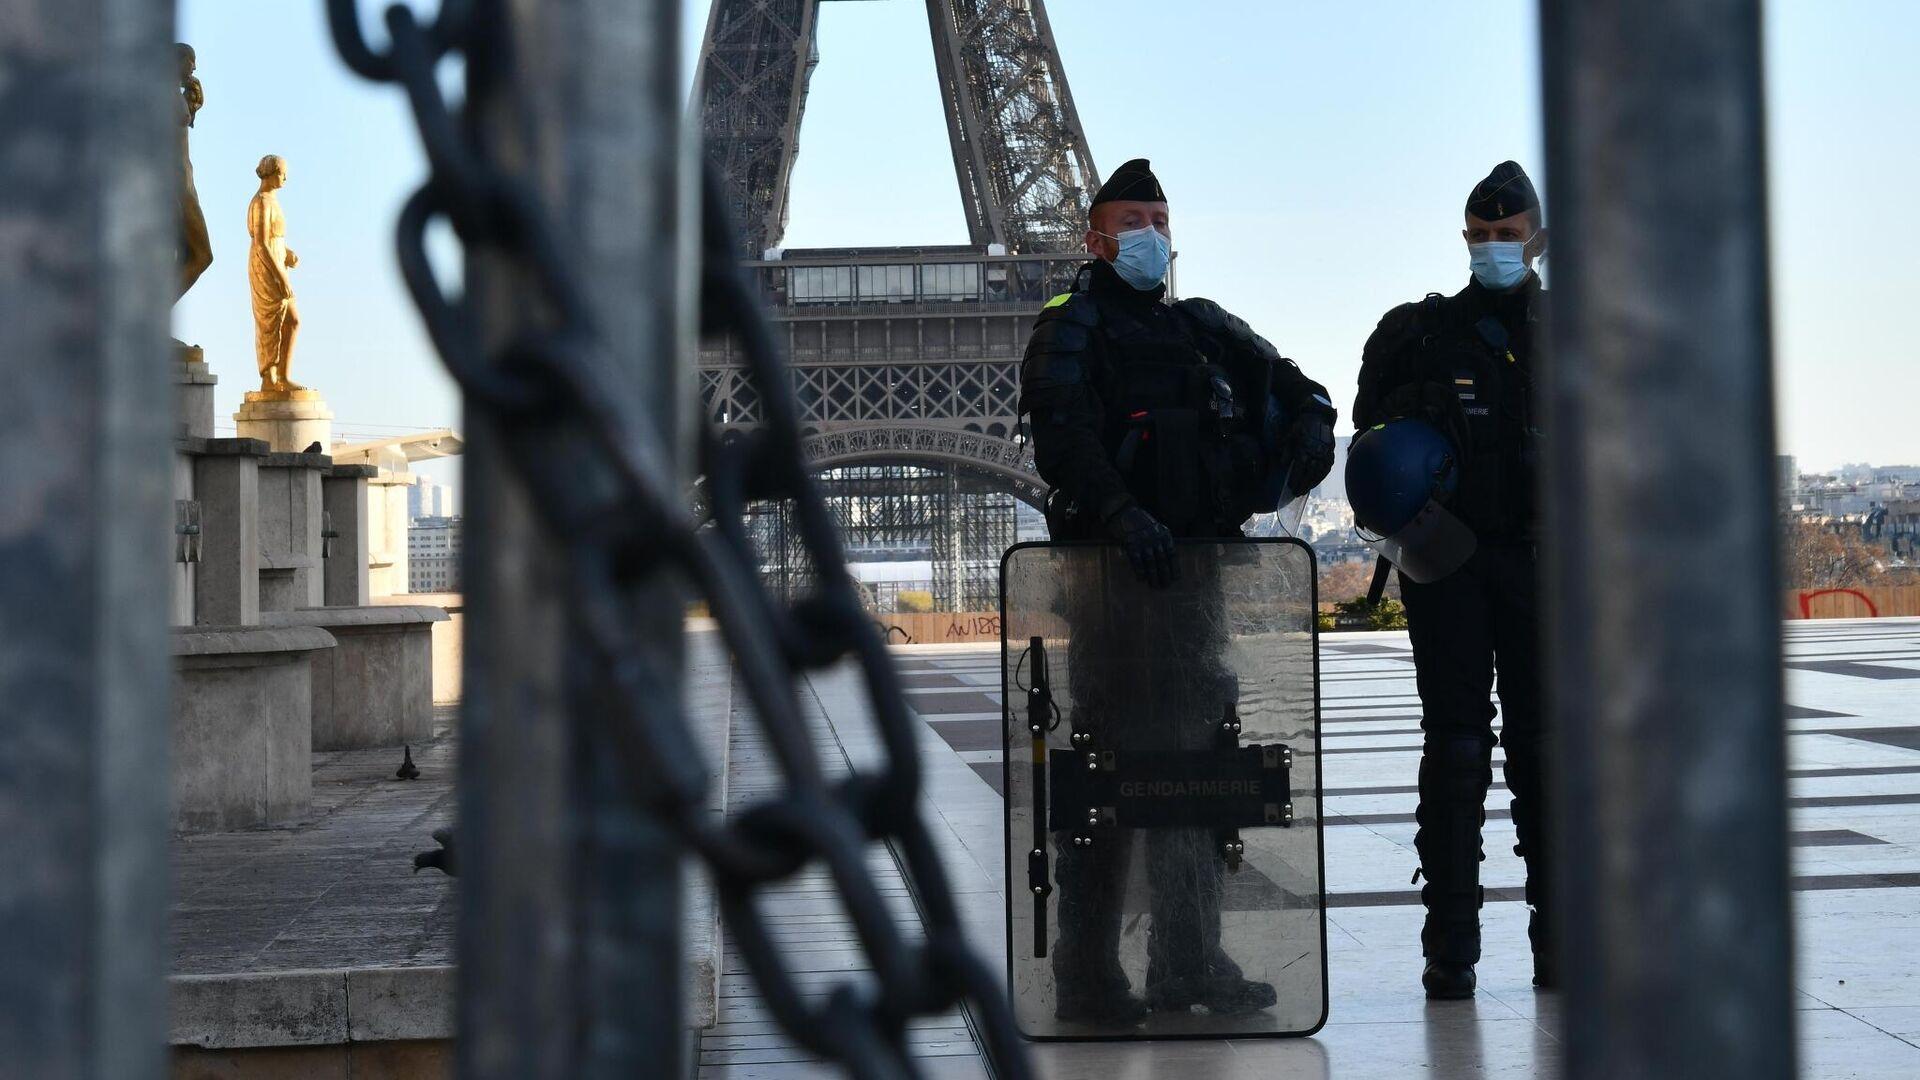 Сотрудники полиции во время акции протеста в Париже против внесения поправки к закону О национальной безопасности - РИА Новости, 1920, 18.09.2021